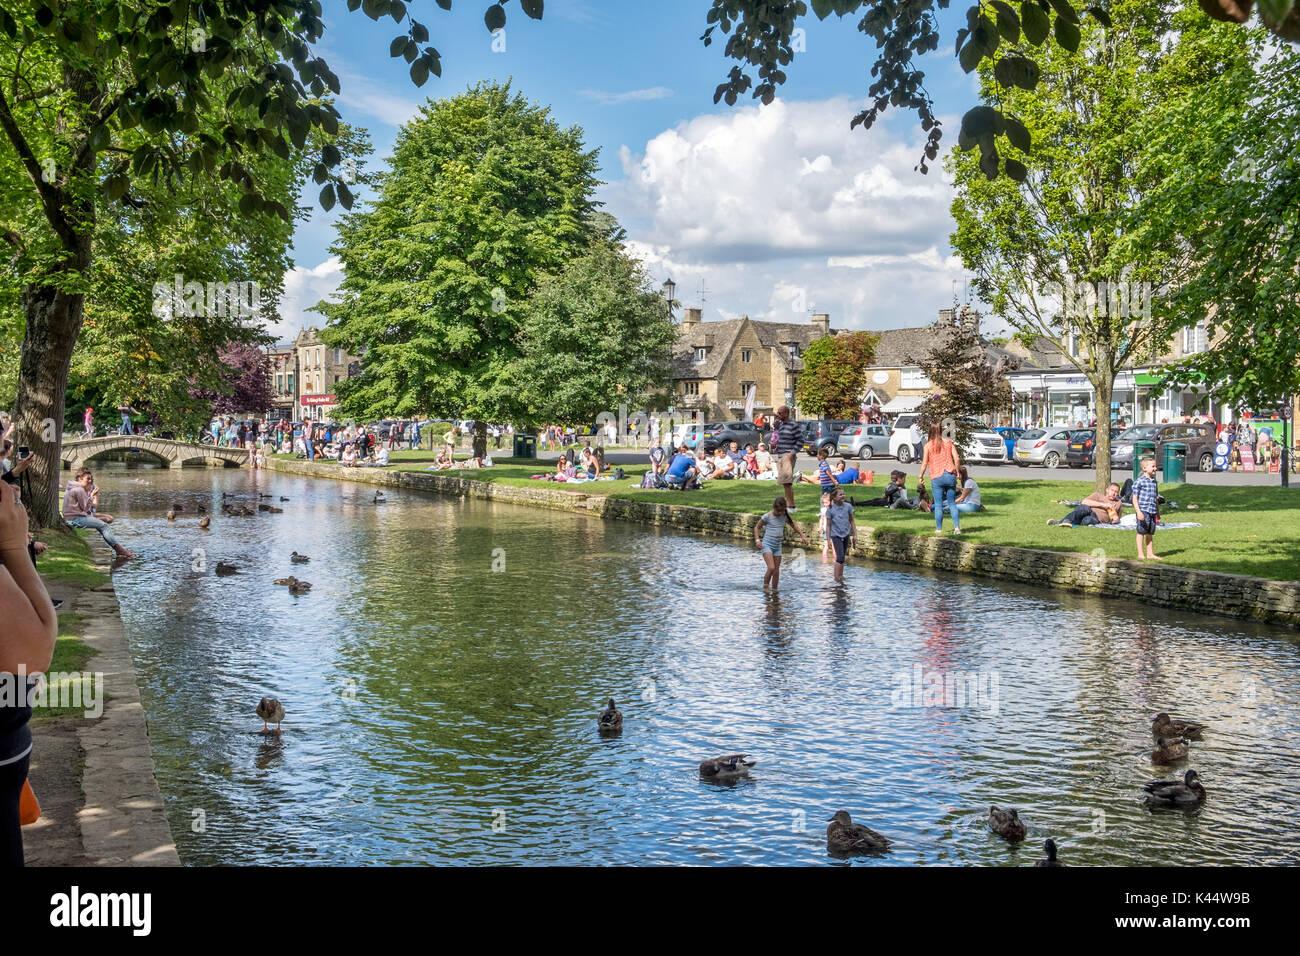 Vistas sobre el río Windrush muestra a los visitantes disfrutar del sol del verano en la línea verde en el centro Foto de stock